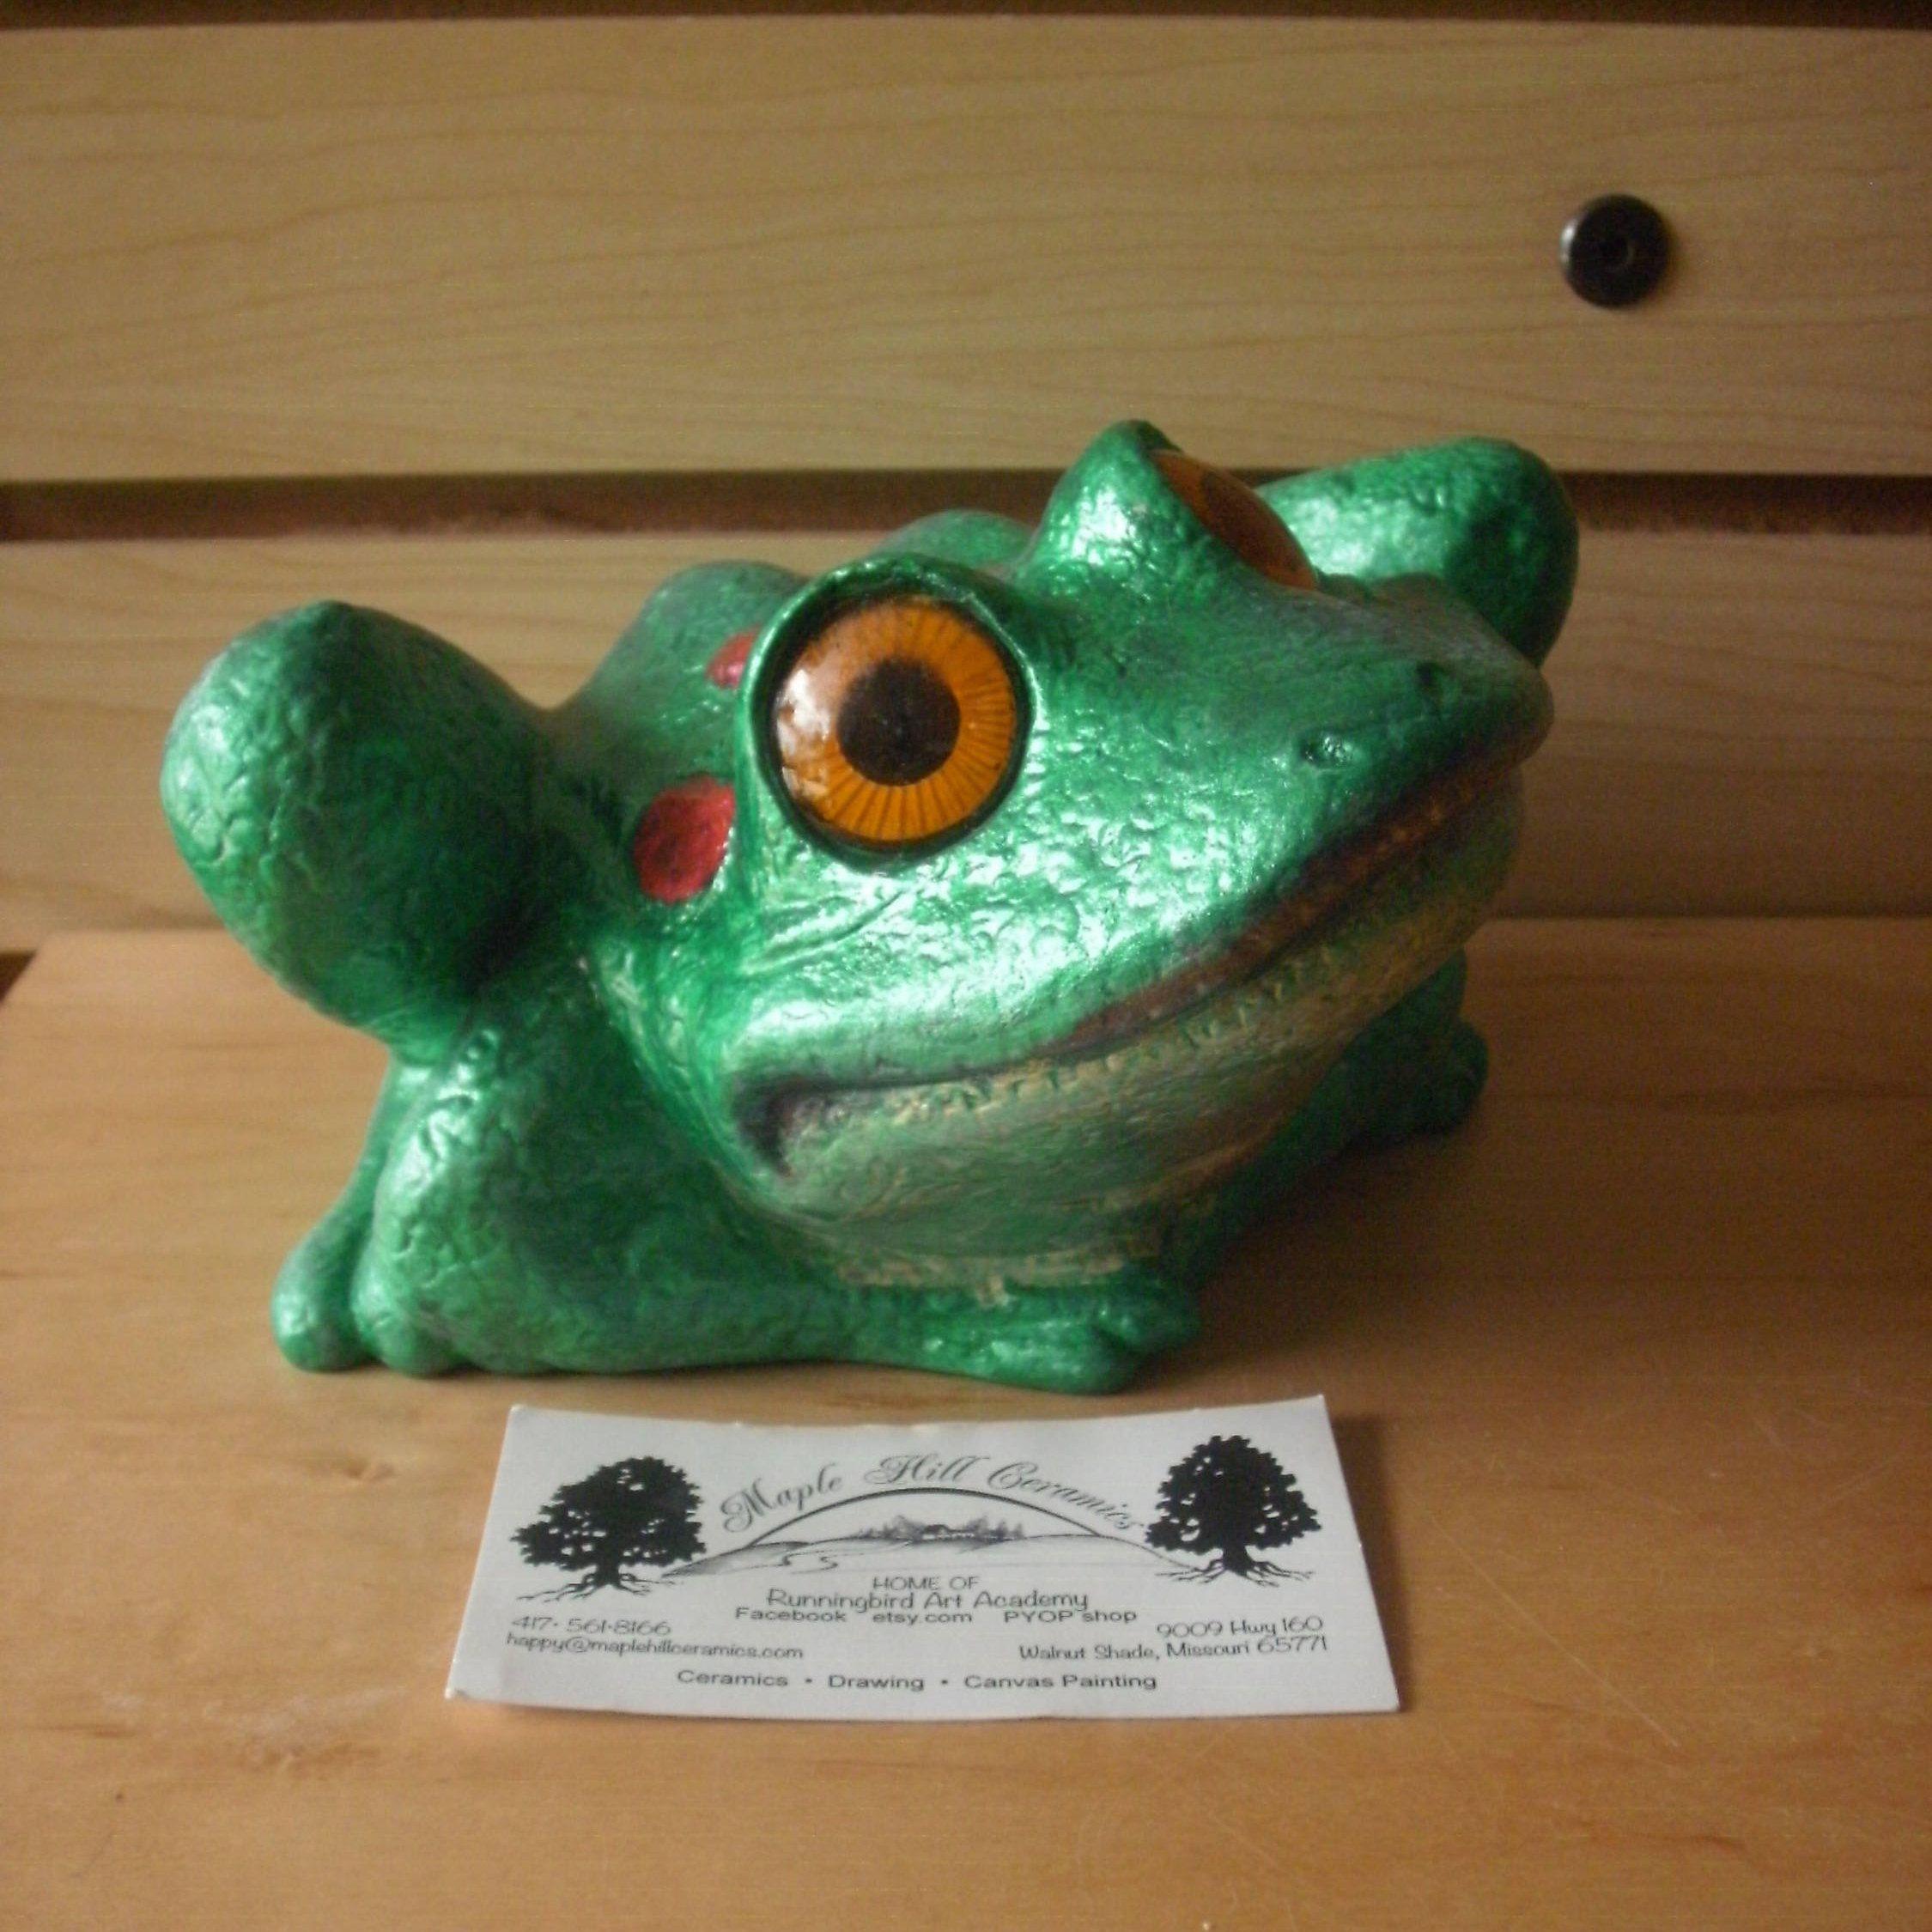 Big Eyed Outdoor Garden Frog Statue Outdoor Frog Decor Water Garden Gifts  For Her Outdoor Frog